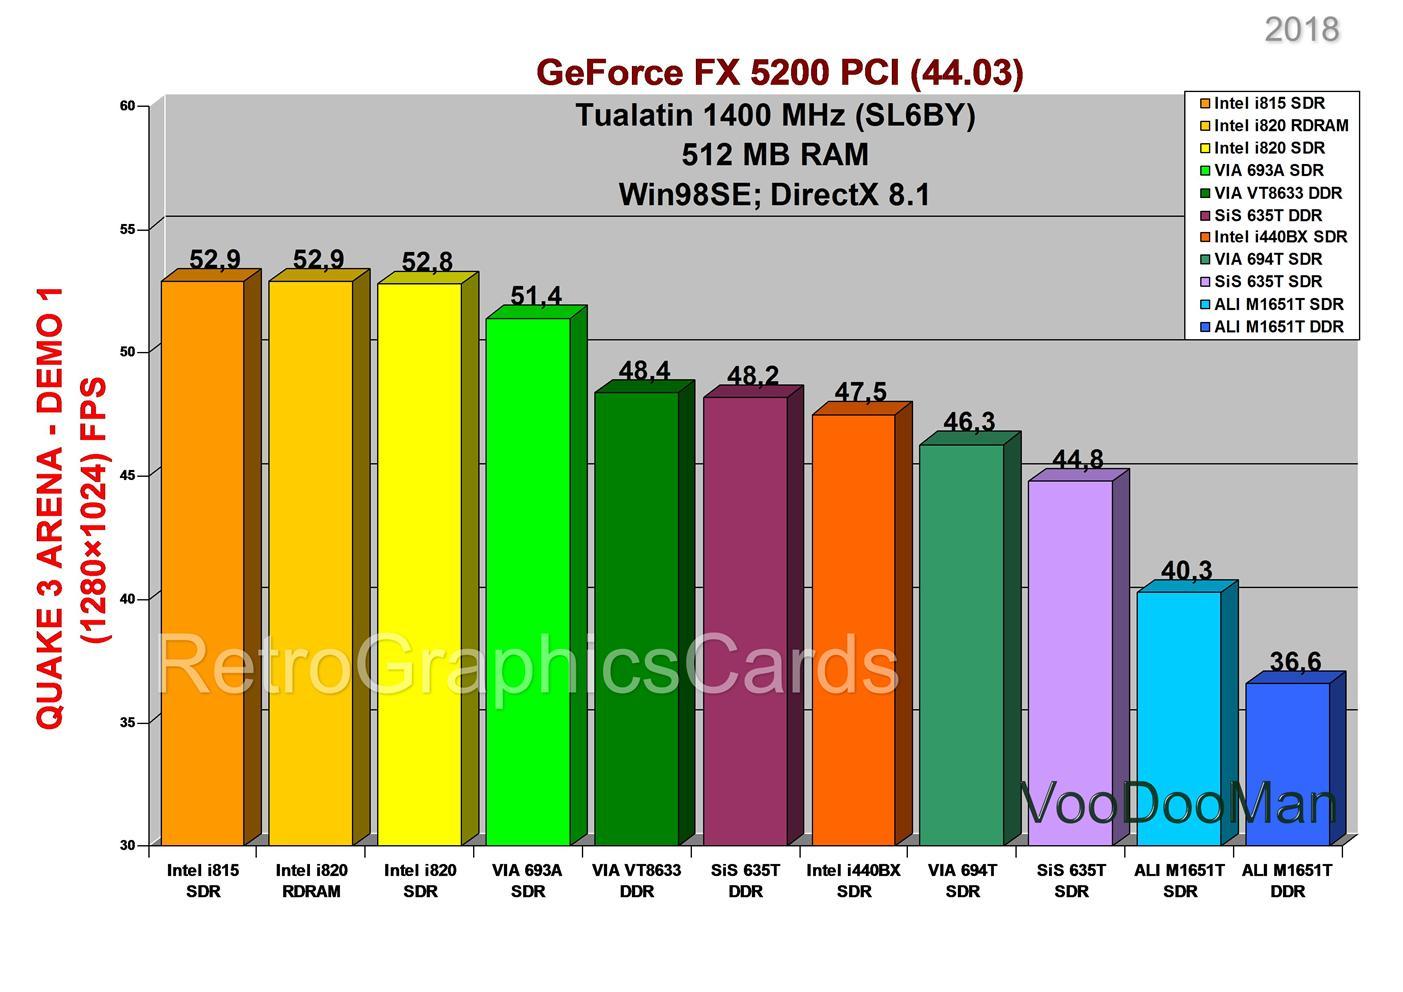 4gFX5200PCIQuake312x.jpg